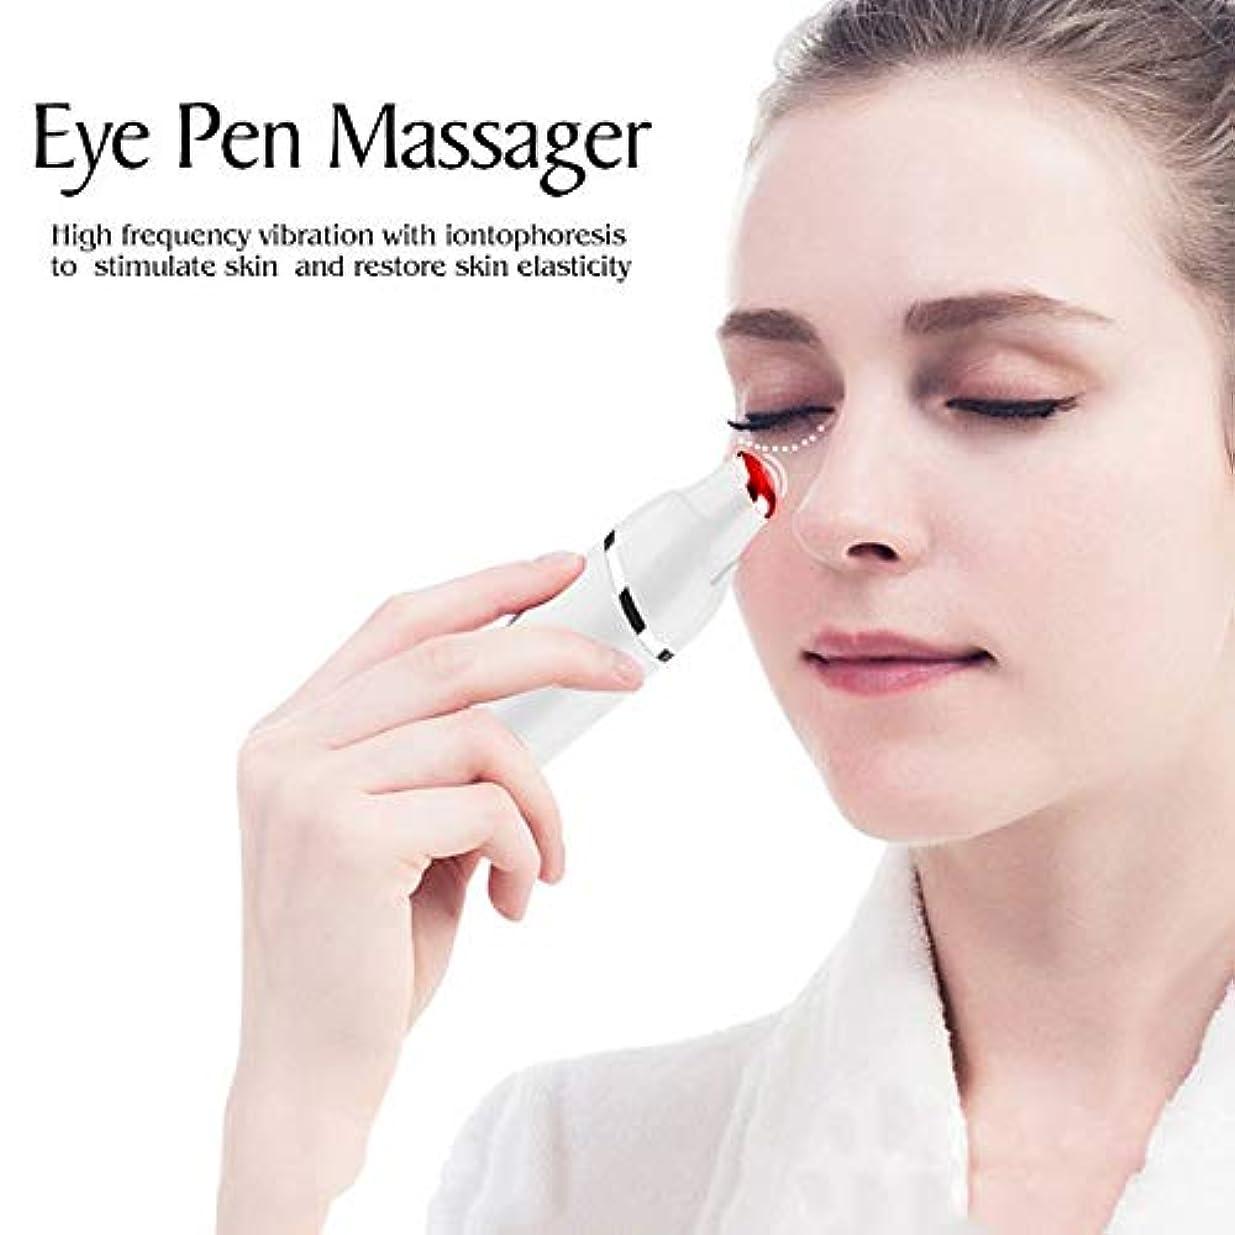 矢印タッチ実験をするソニックアイマッサージャー、目の疲れのための42℃加熱治療用ワンド、アイクリームを効果的に促進するためのアニオンの輸入